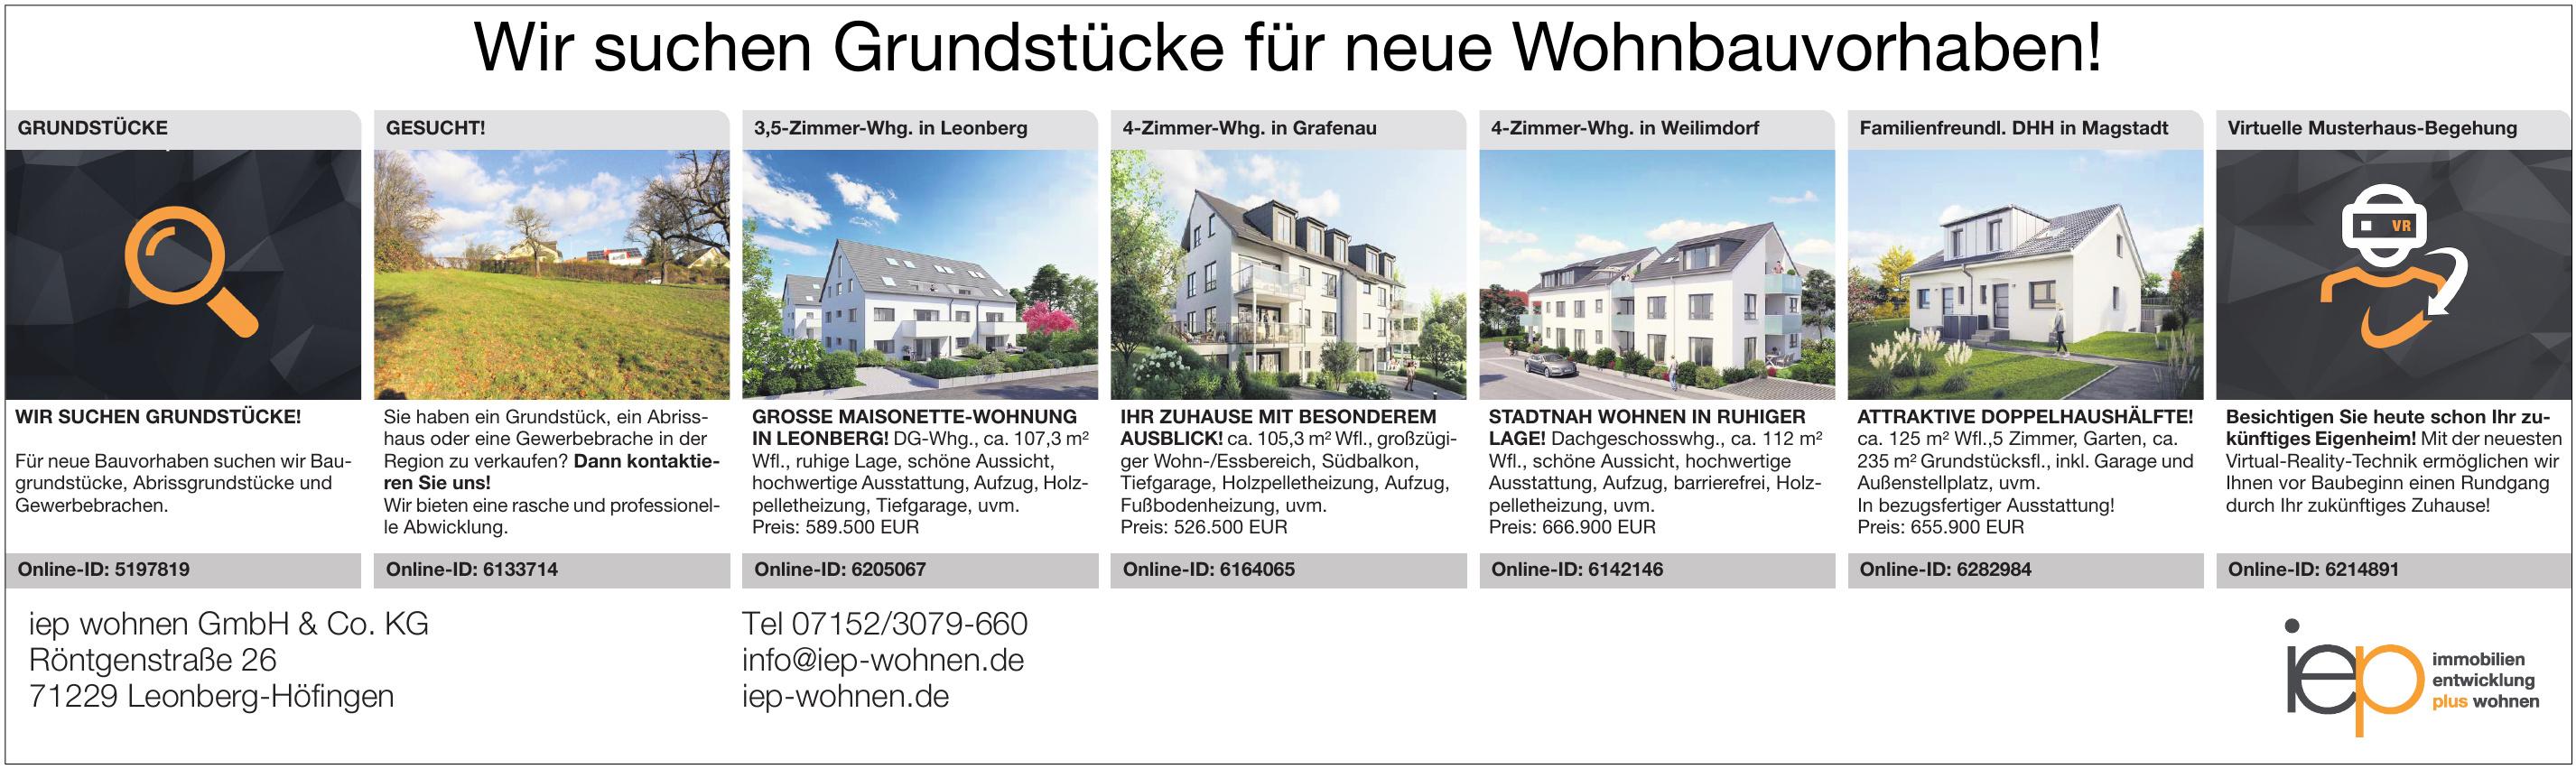 iep wohnen GmbH & Co. KG